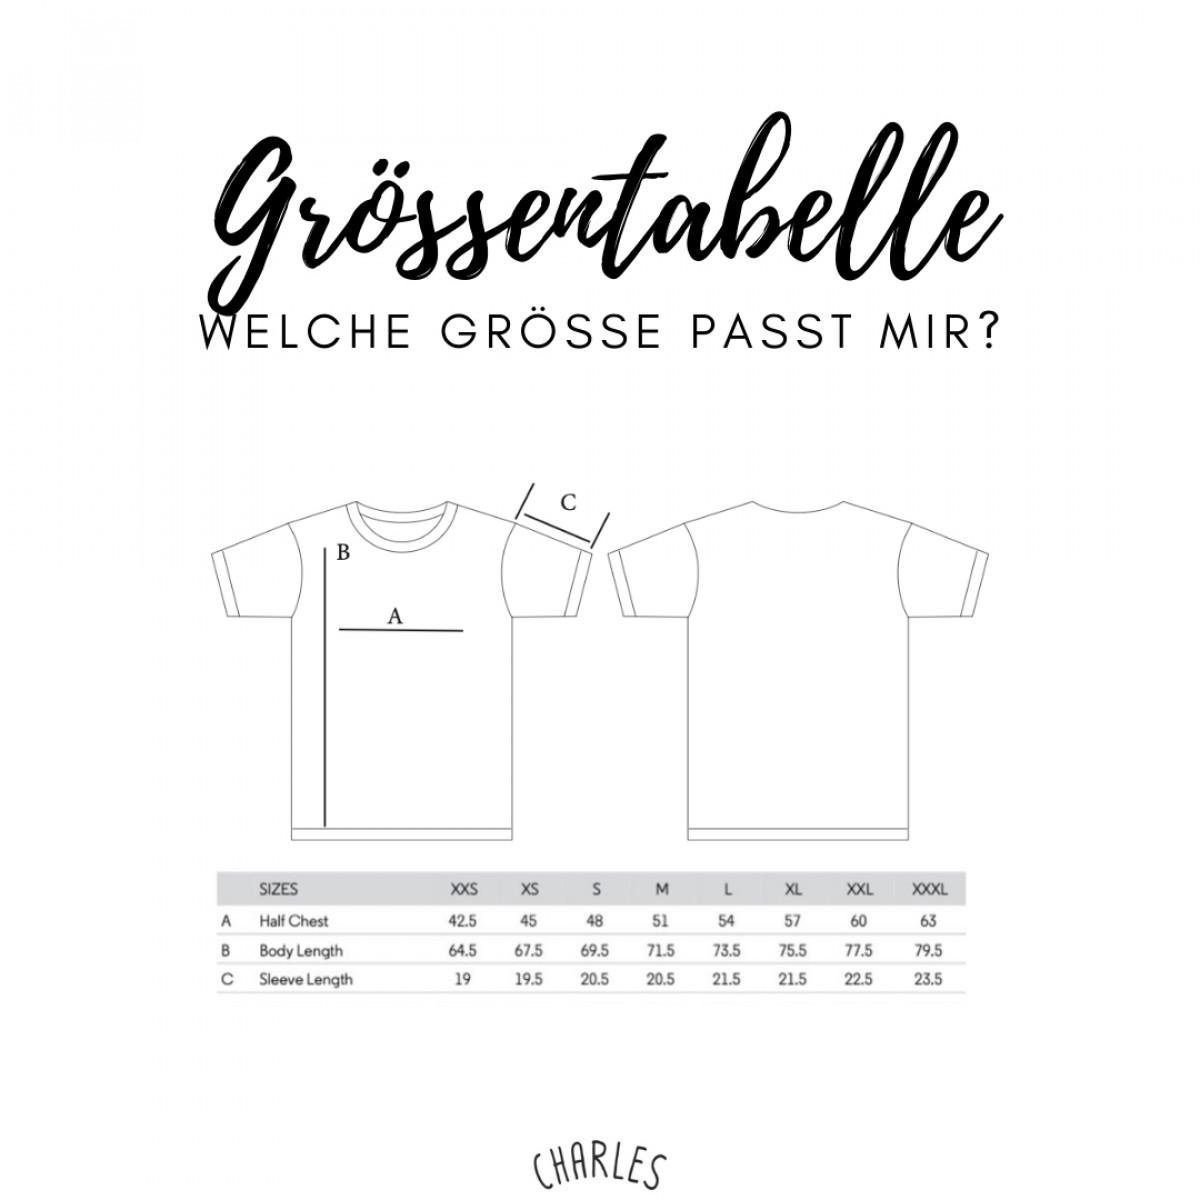 Charles / Shirt Weck, Worscht, Woi / 100% Biobaumwolle / Fair Wear zertifiziert